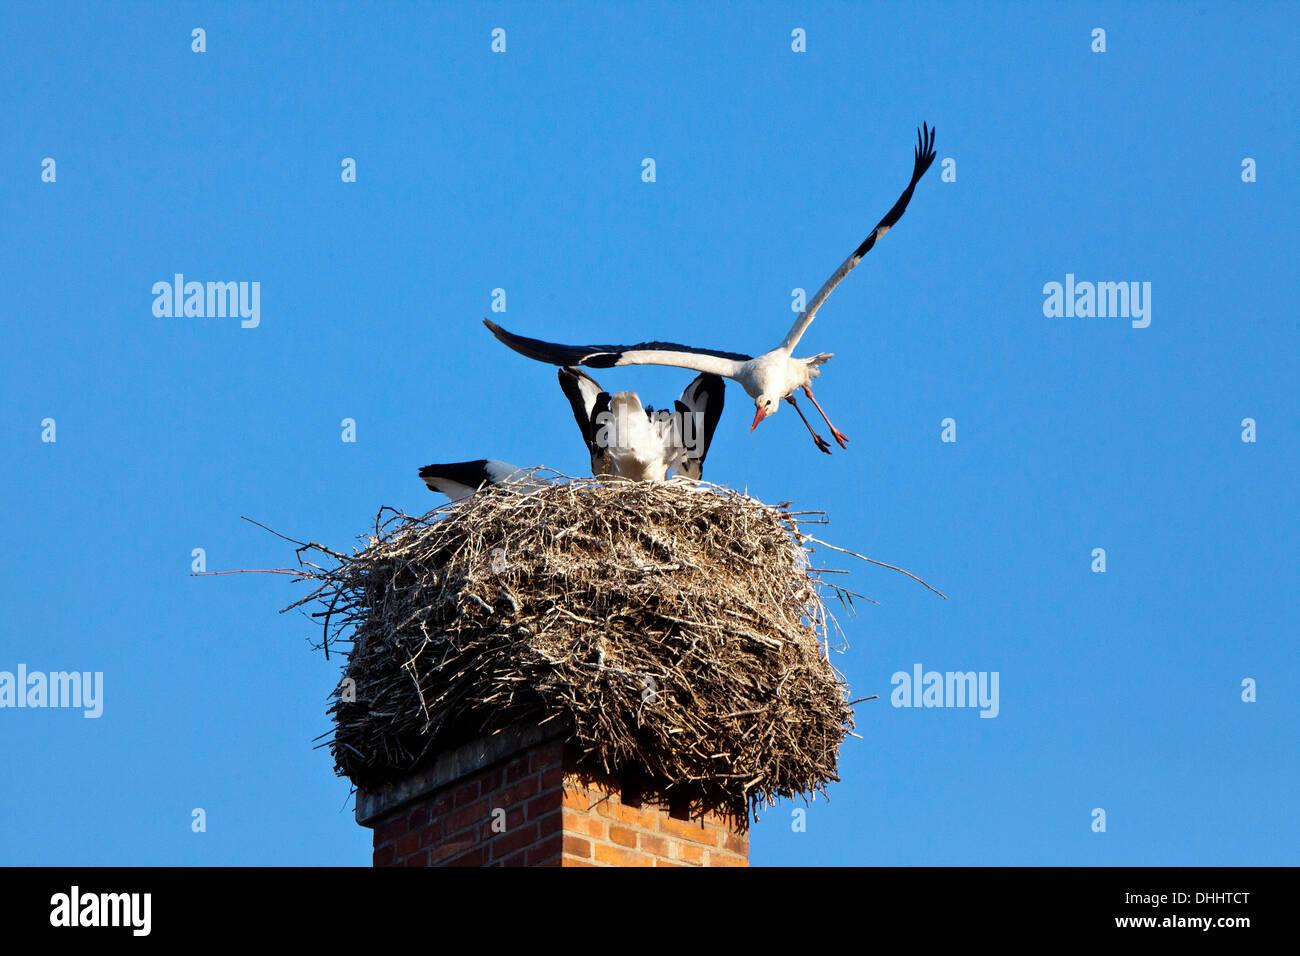 Familie Storchennest auf einem Schornstein, Züchtung, Vögel Stockbild